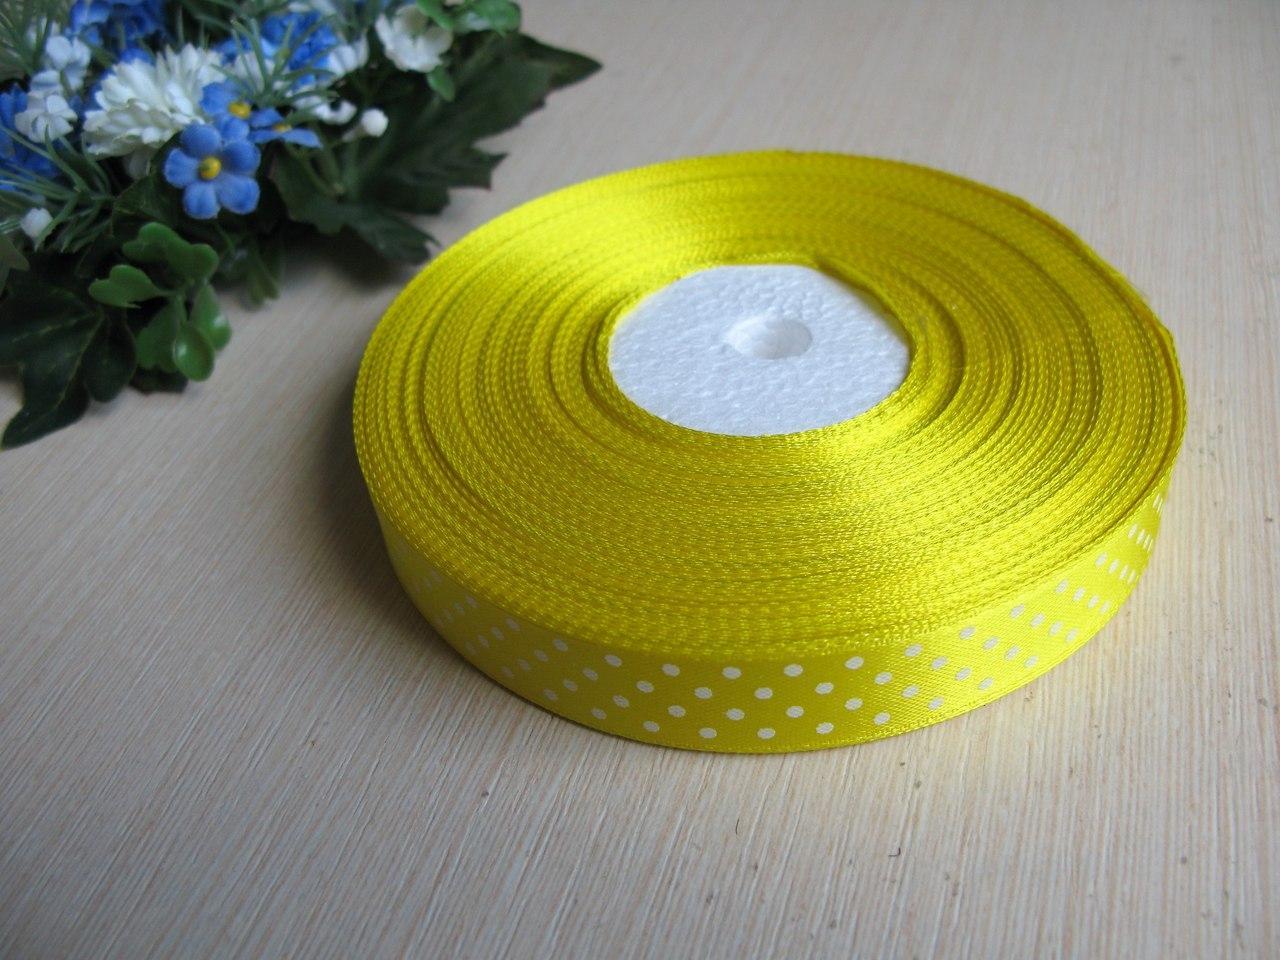 Лента в горох 1,5 см цвет - желтый